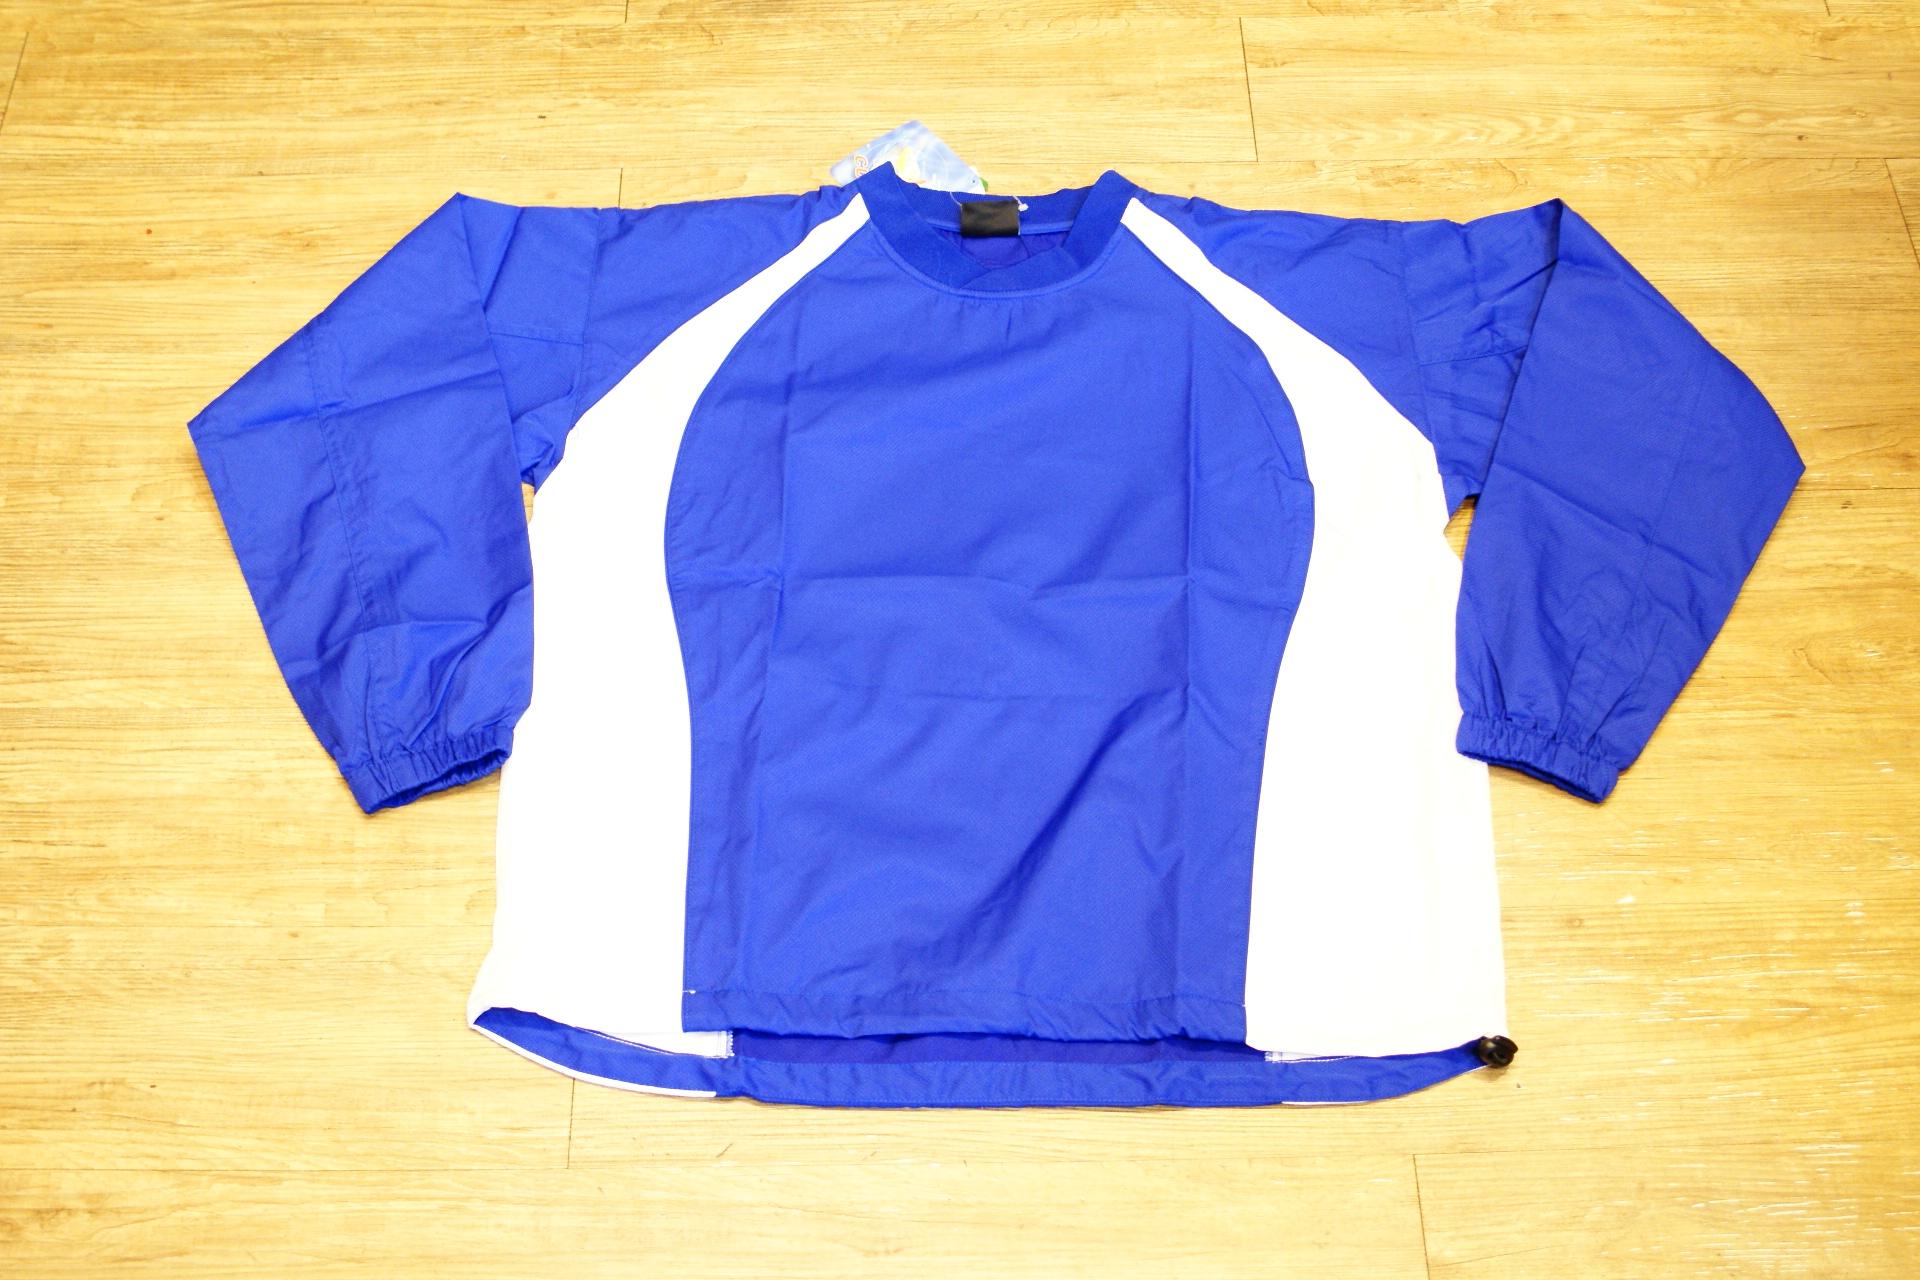 棒球世界 全新POWER PLAY棒壘球運動風衣白藍色 出清下殺優惠 不到58折